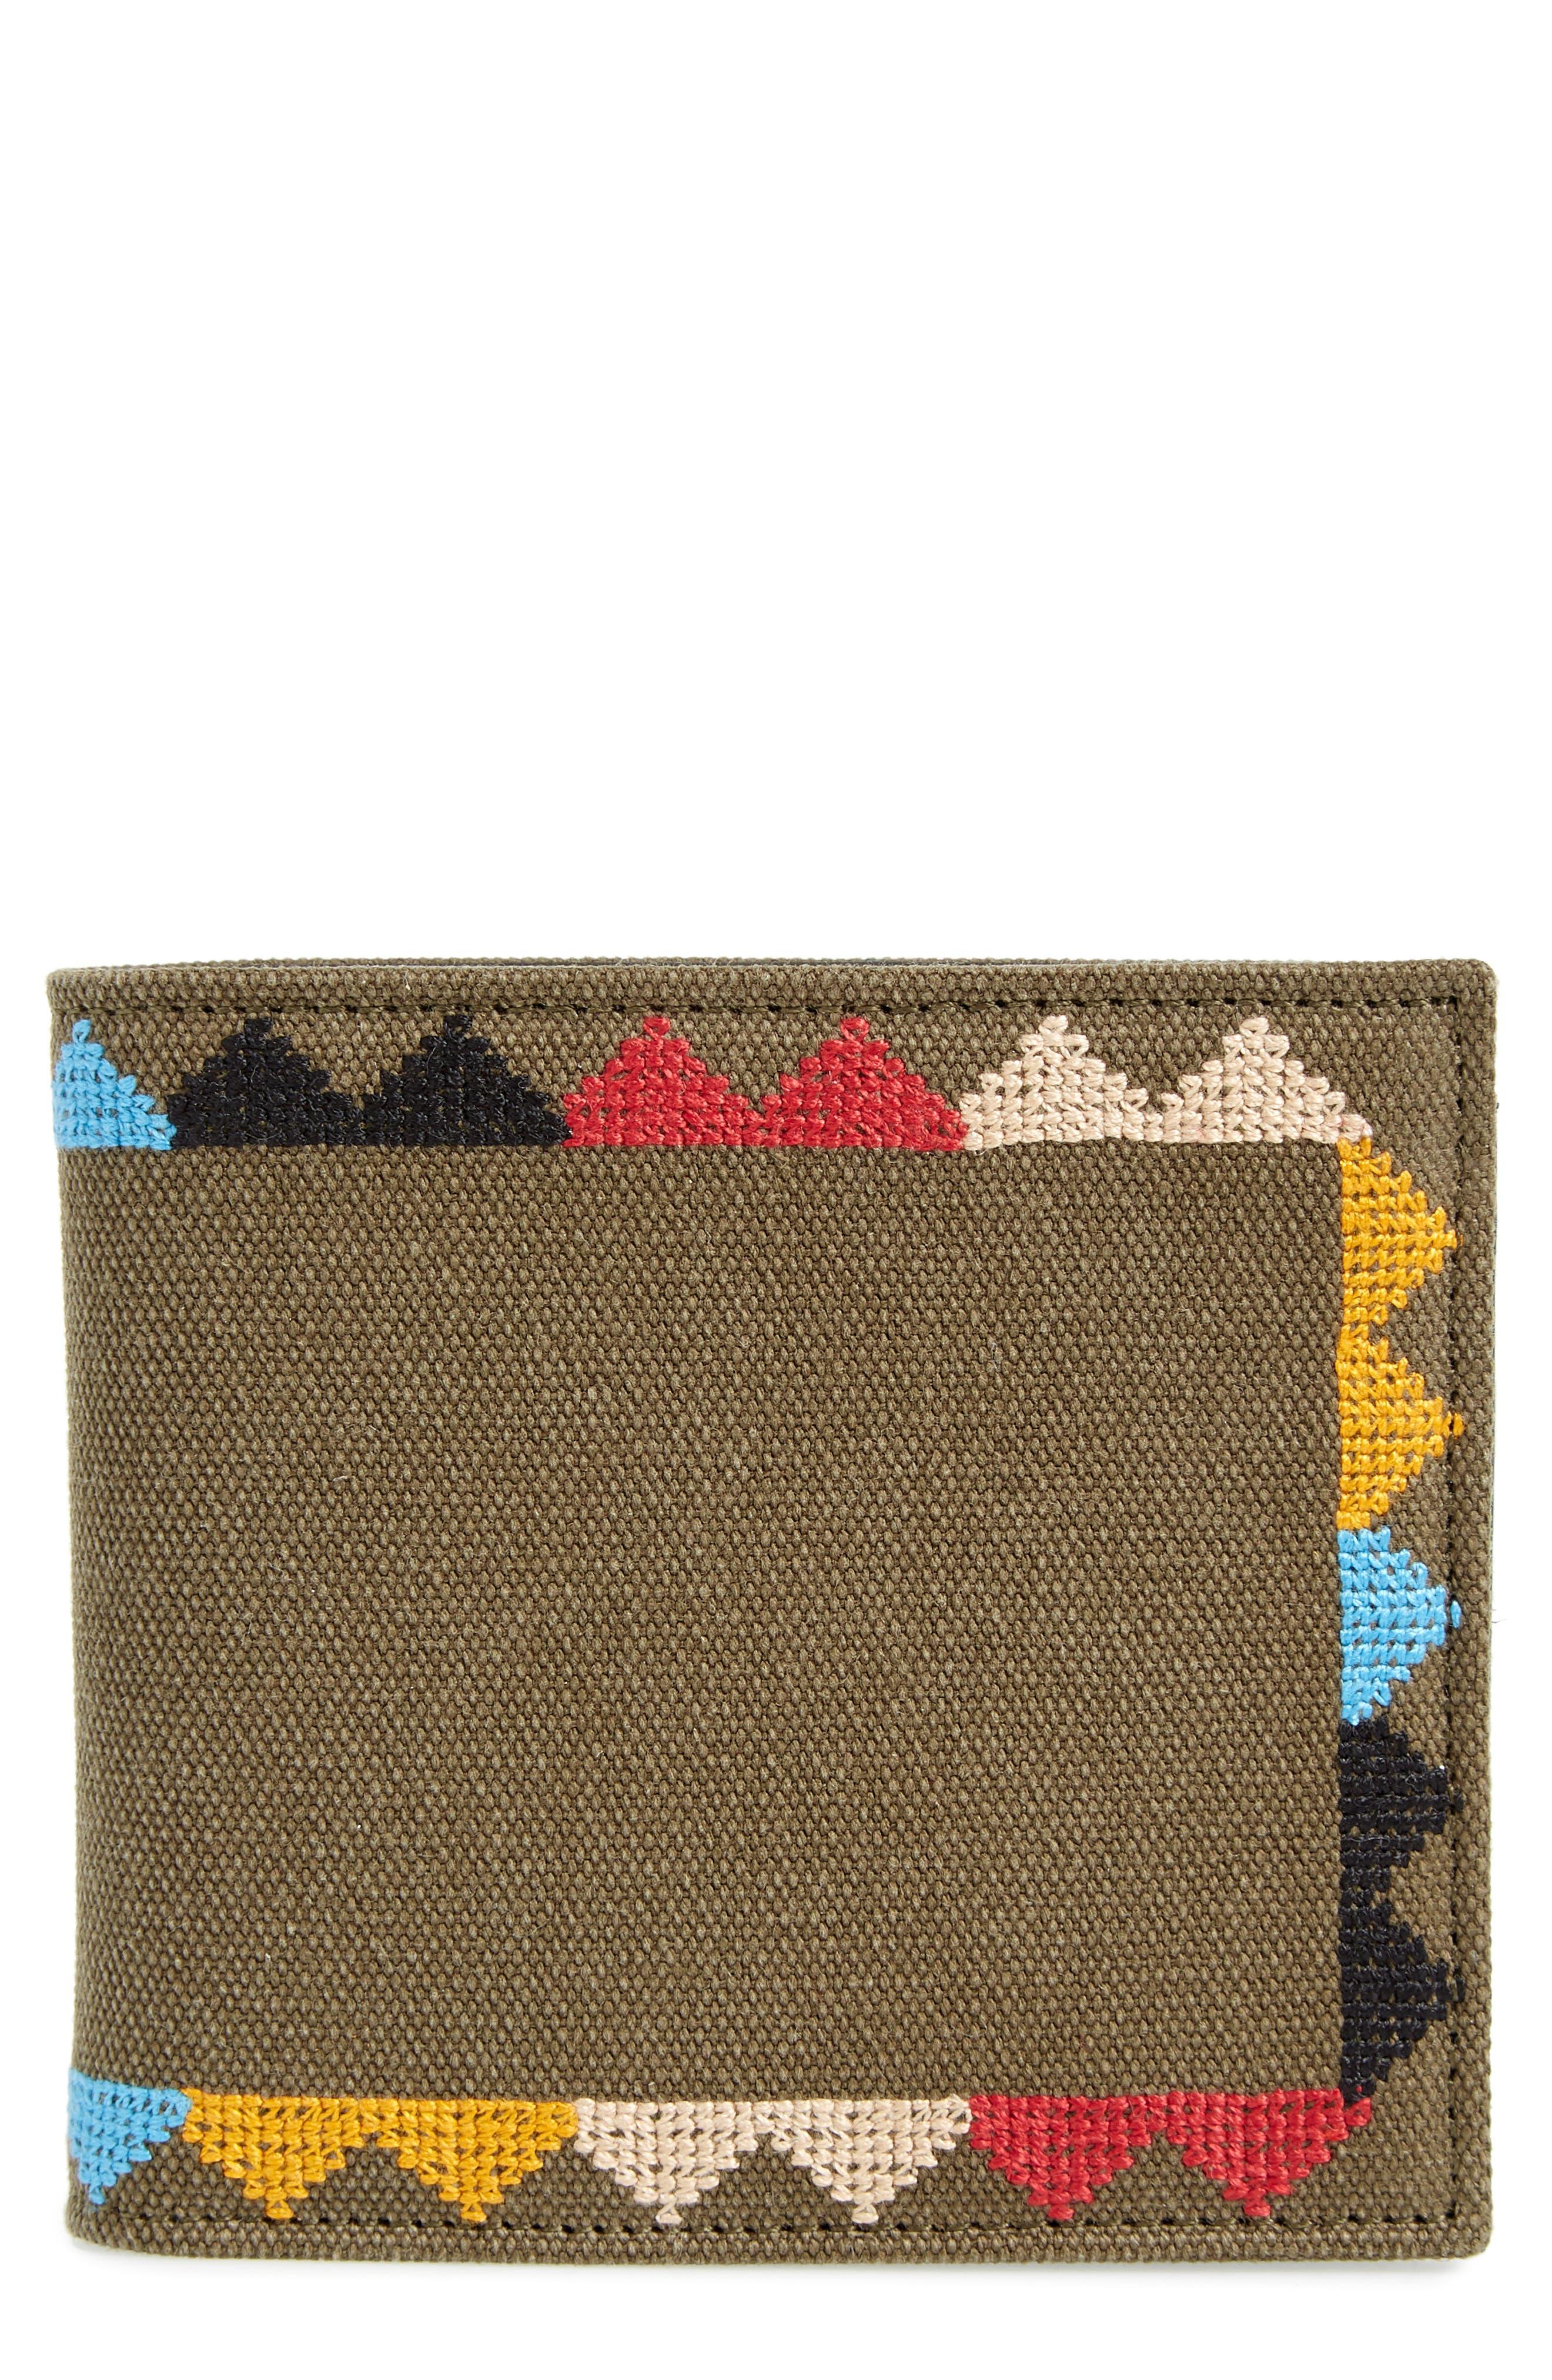 GARAVANI Canvas Wallet,                             Main thumbnail 1, color,                             L90 Olive